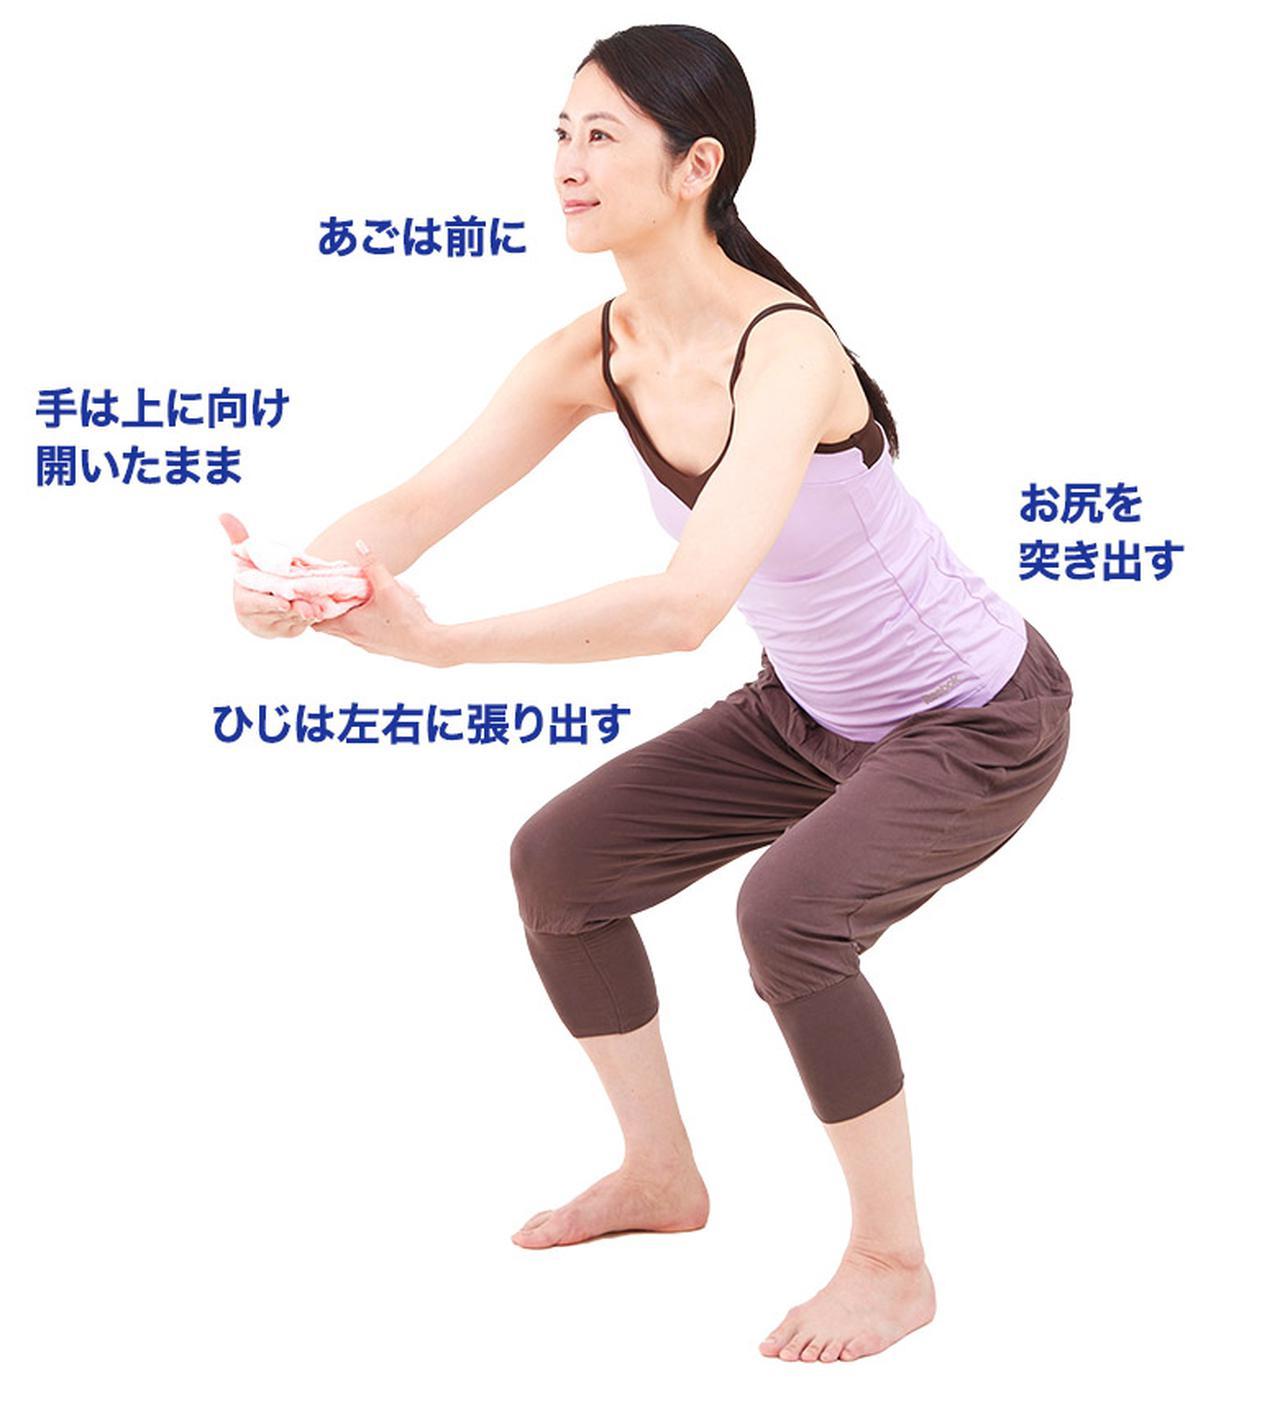 画像5: 【体を柔らかくする方法】一瞬で硬い体が柔らかくなる「美構造メソッド」のやり方